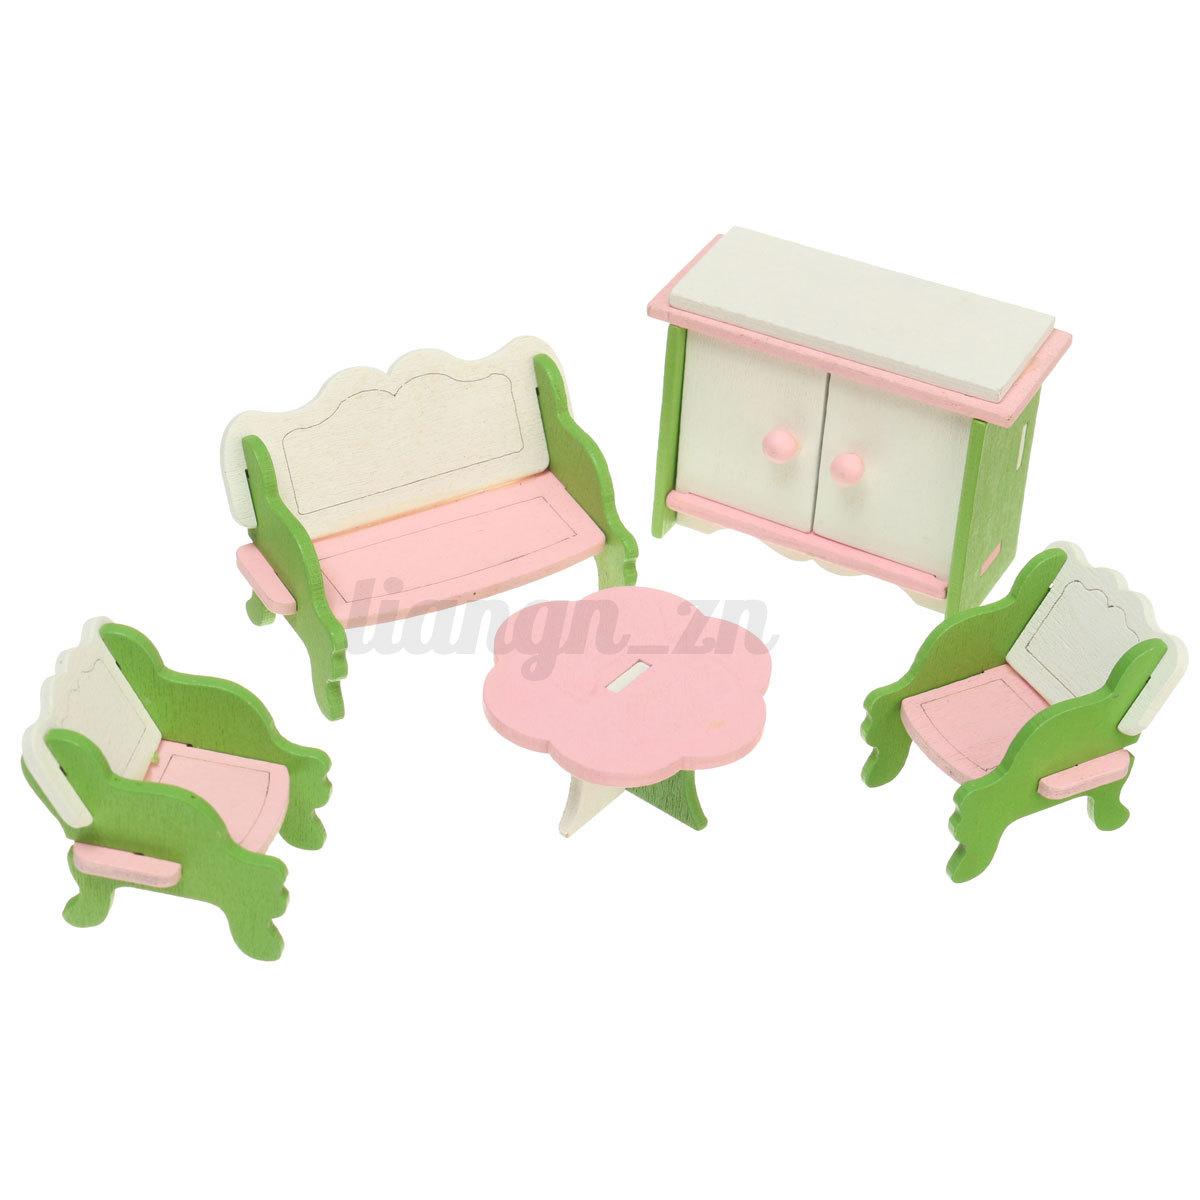 mobilier miniature maison de poup e meuble de chambre. Black Bedroom Furniture Sets. Home Design Ideas